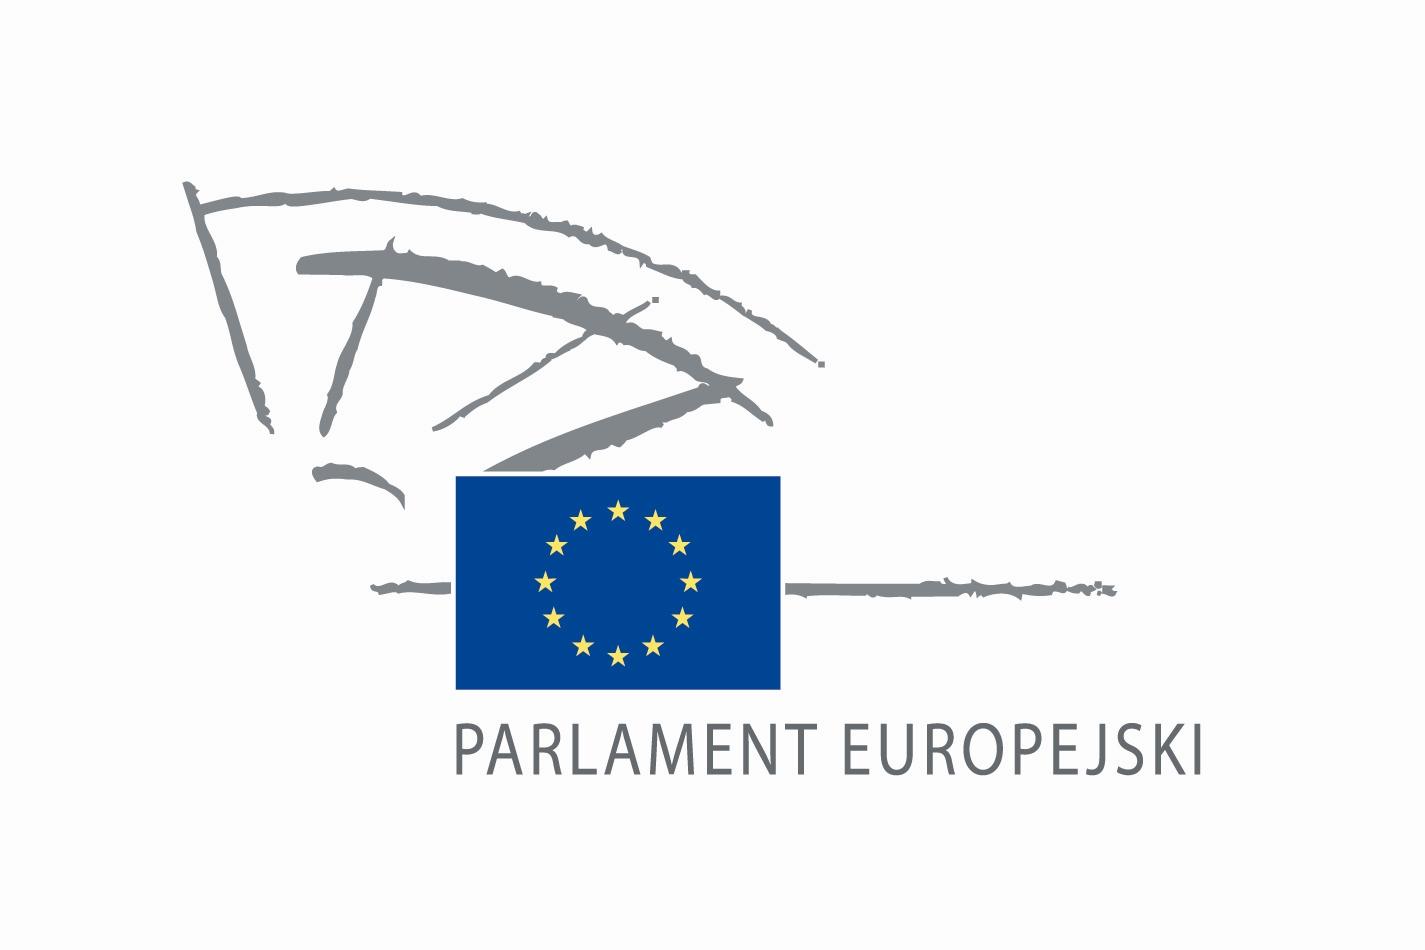 Parlament Europejski apeluje o przyspieszenie relokacji uchodźców. Polska podtrzymuje swój sprzeciw wobec przymusowego przyjmowania uchodźców